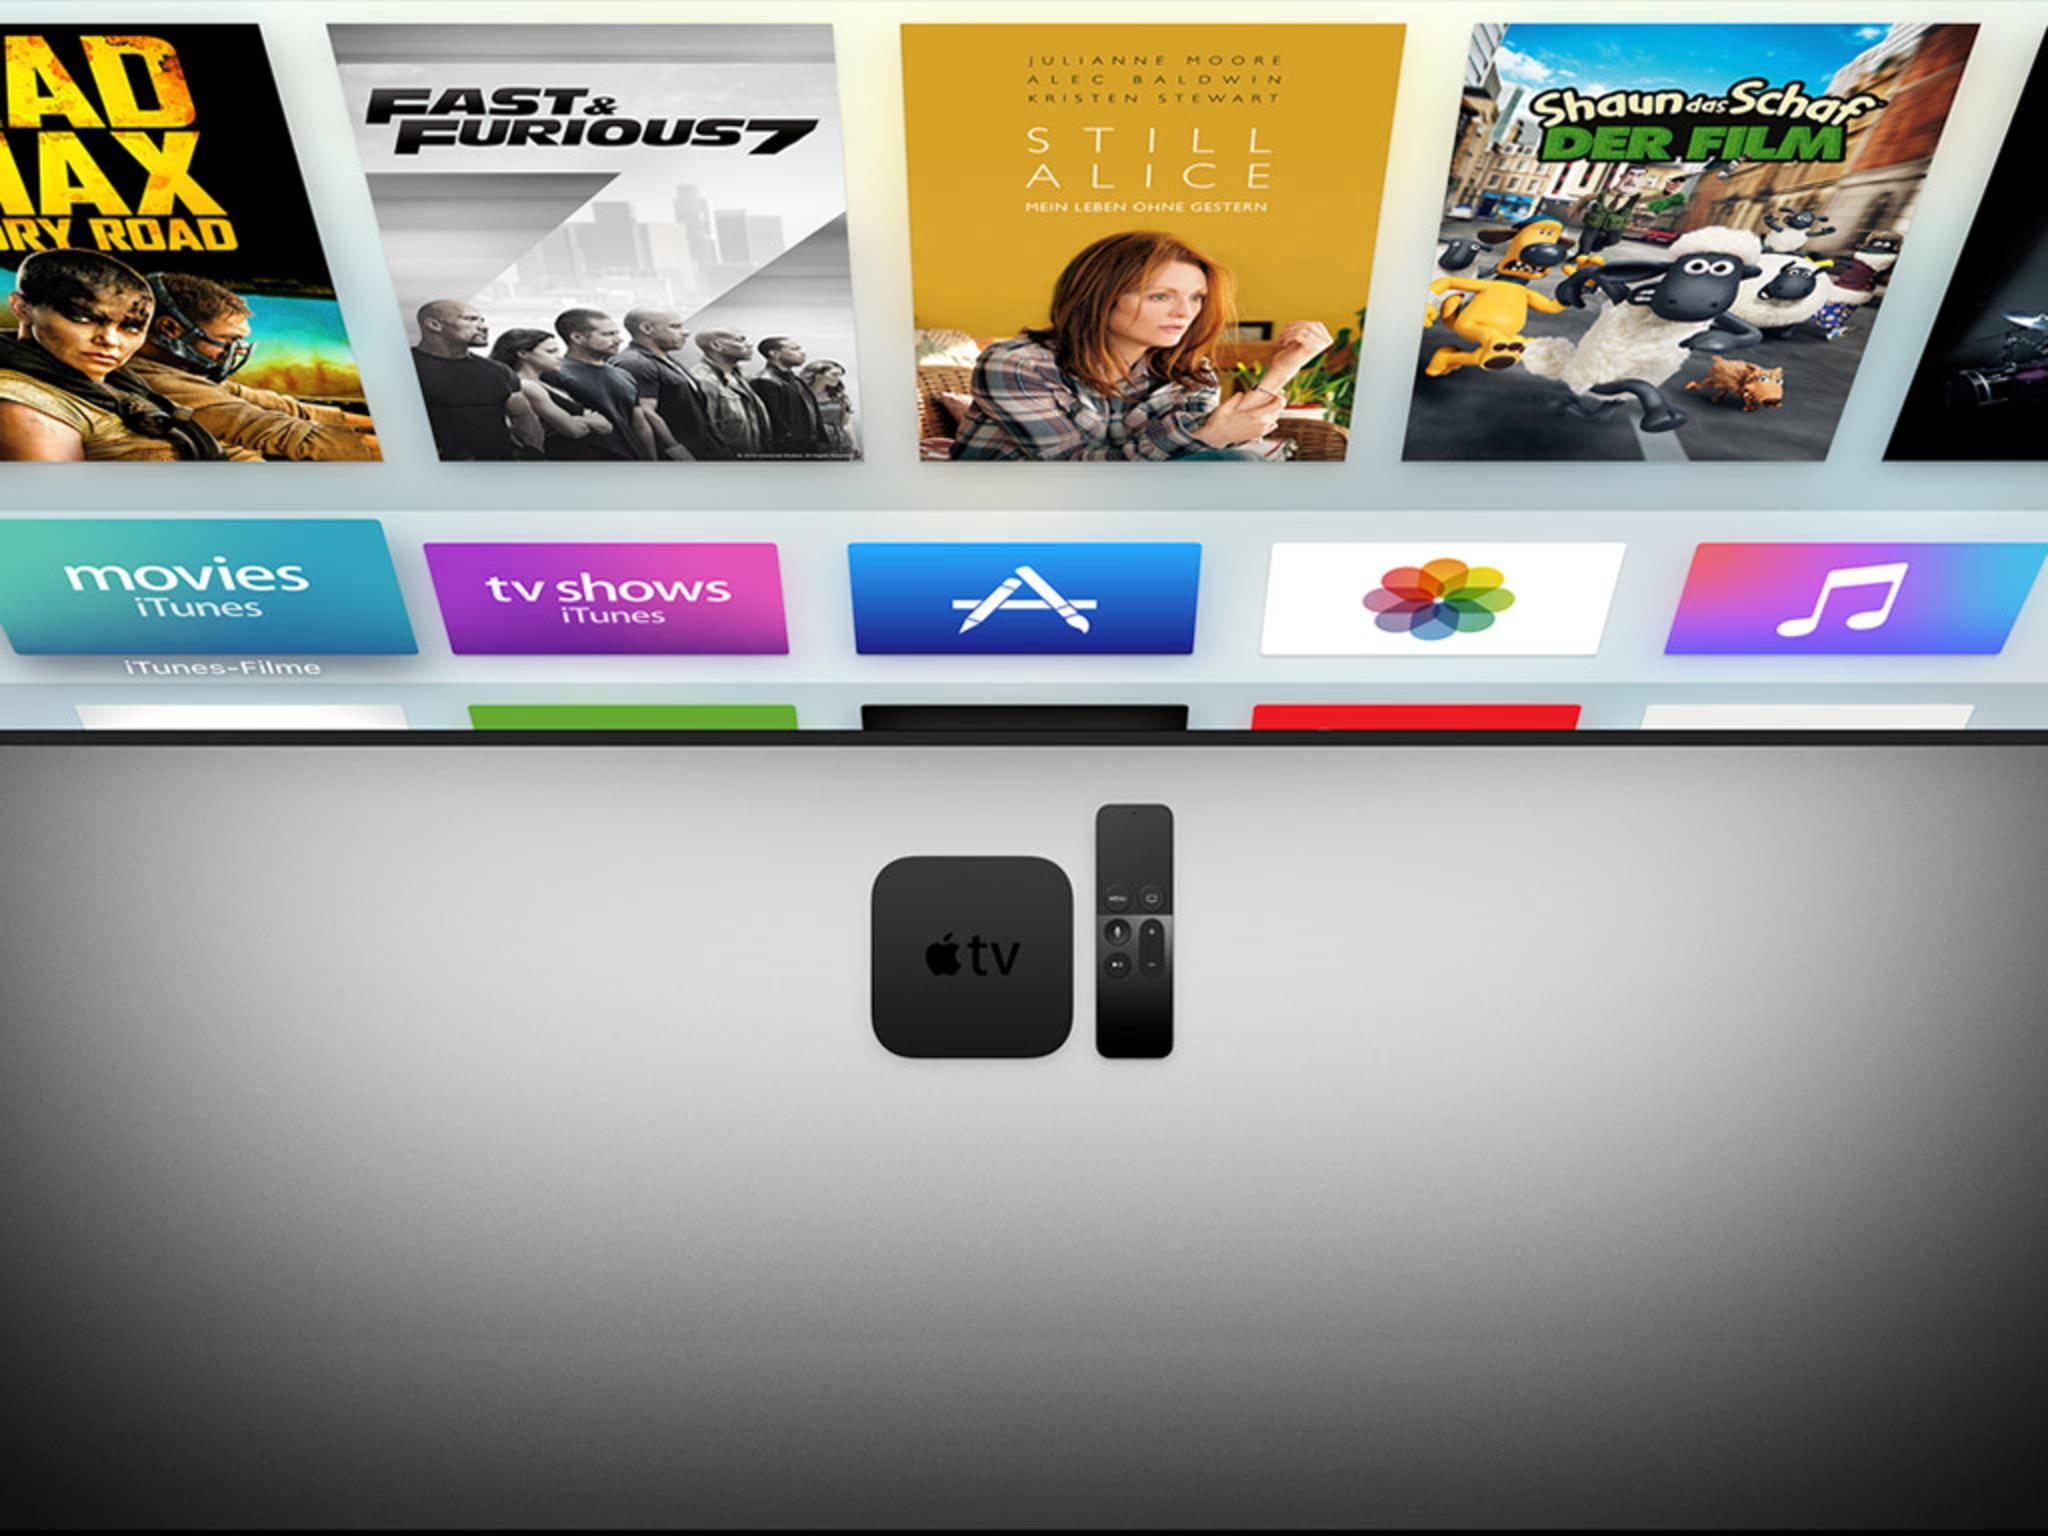 Der neue Apple TV mit Touchpad-Remote, Siri und tvOS.